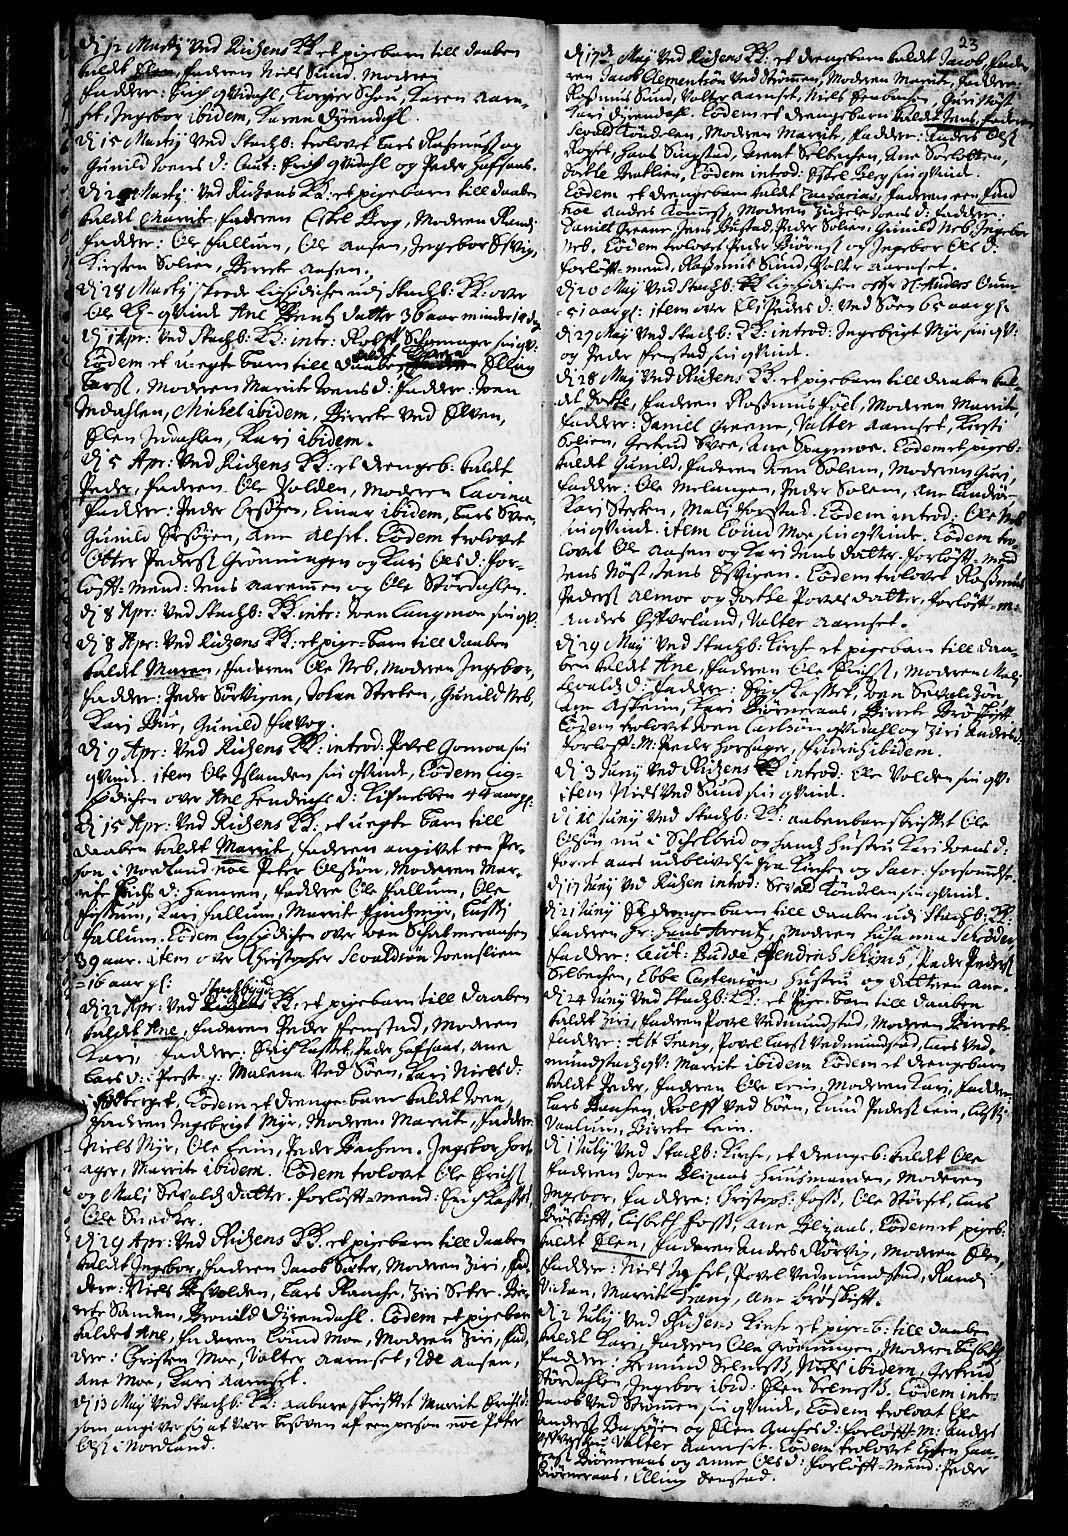 SAT, Ministerialprotokoller, klokkerbøker og fødselsregistre - Sør-Trøndelag, 646/L0603: Ministerialbok nr. 646A01, 1700-1734, s. 23